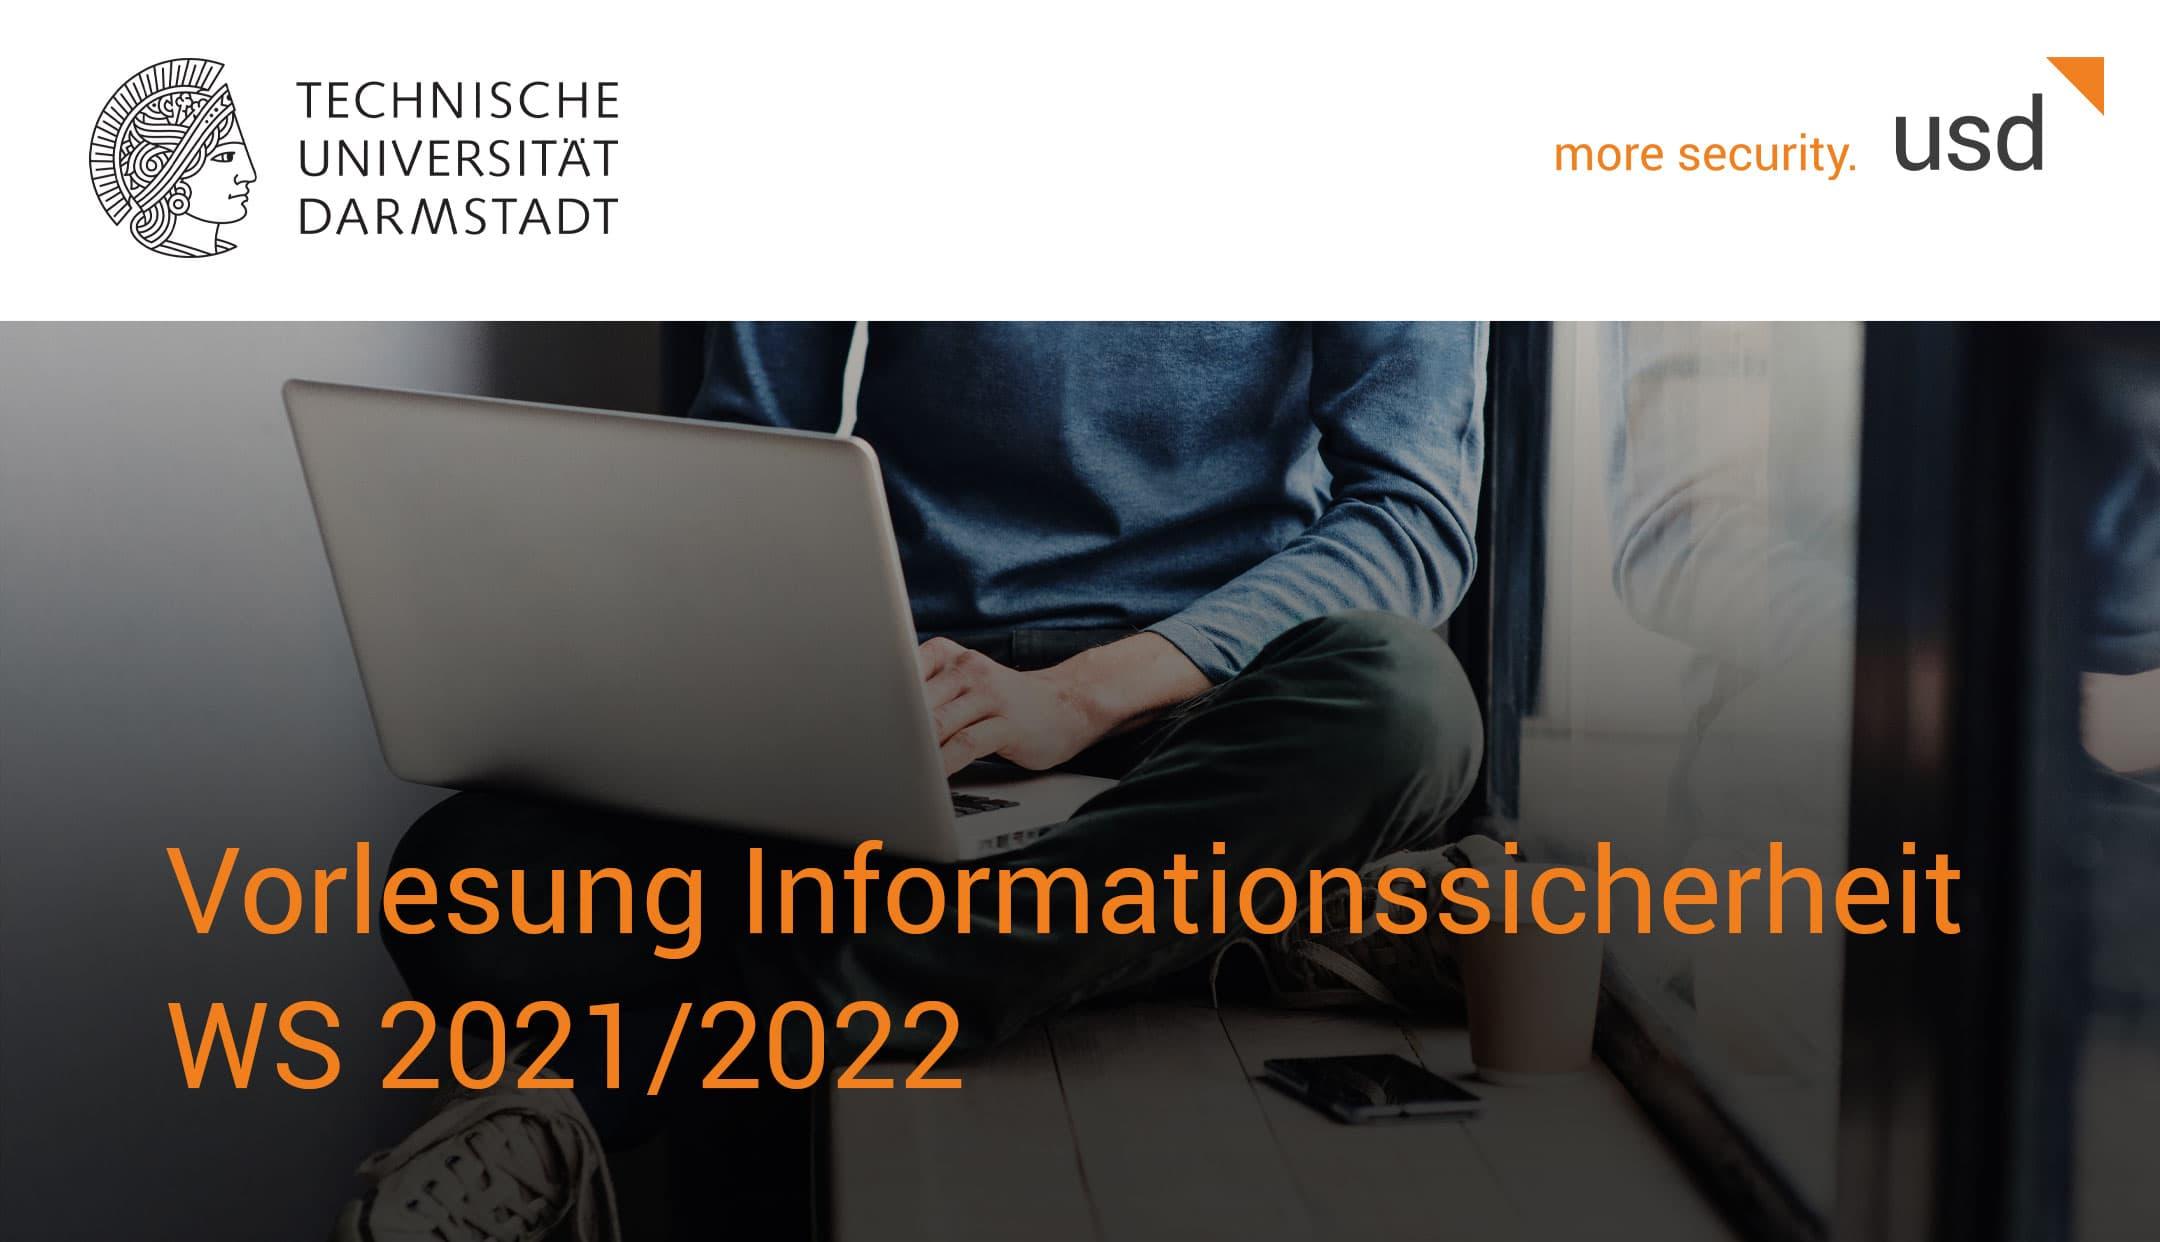 Lehrkooperation der TU Darmstadt und usd AG zum Thema Informationssicherheit